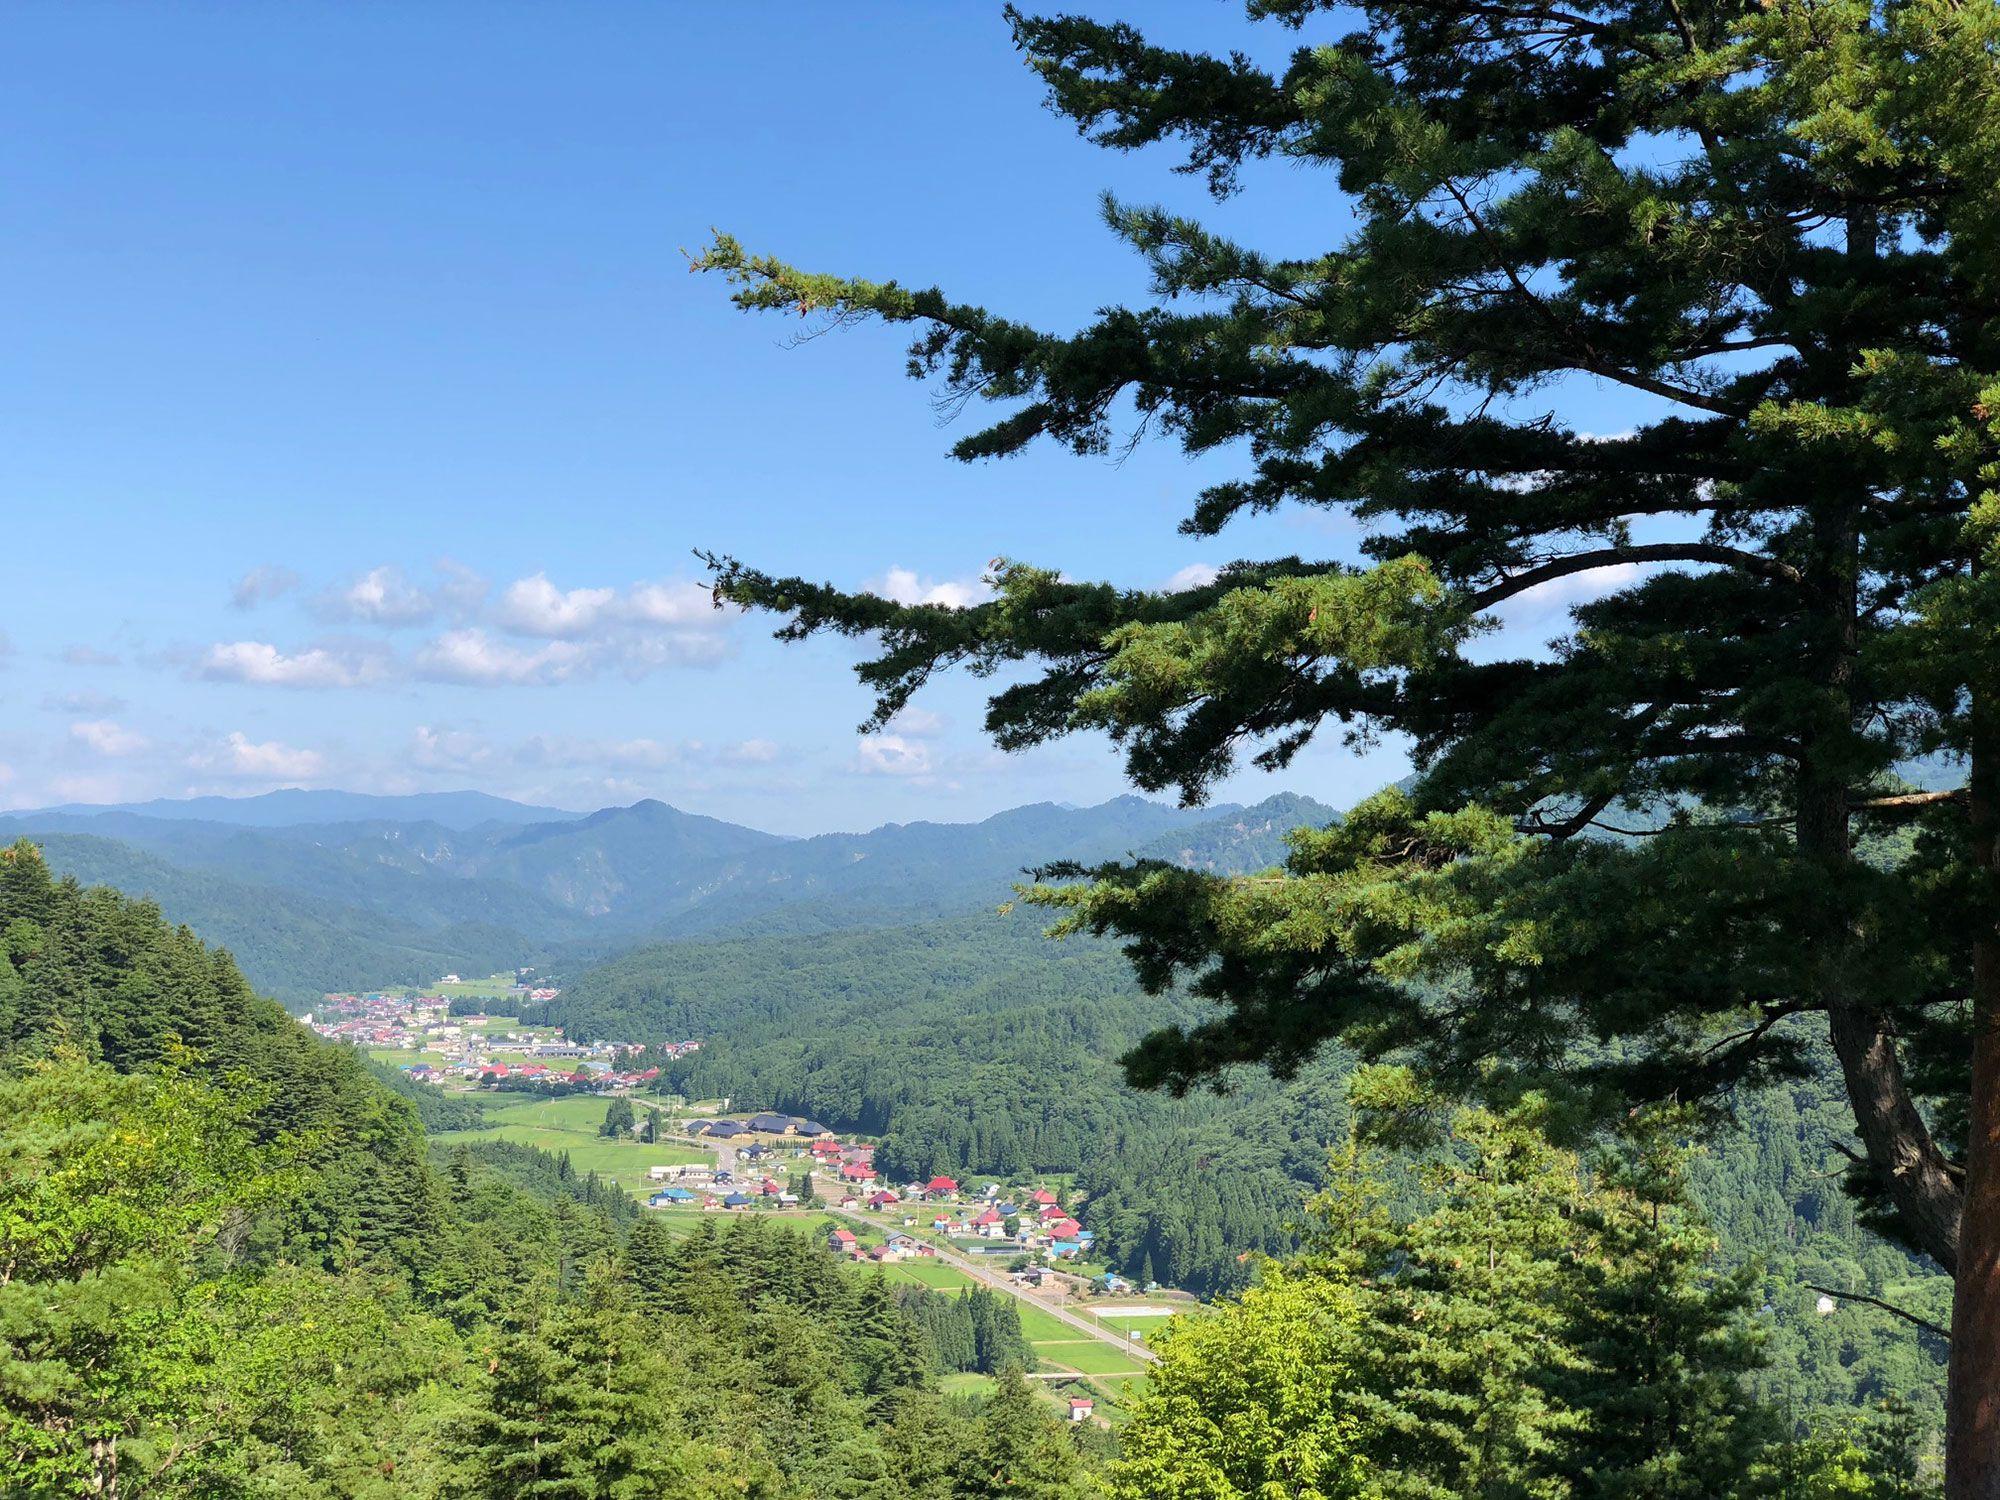 会津若松の南西約50kmの山あいに位置する昭和村。写真提供:昭和村観光協会